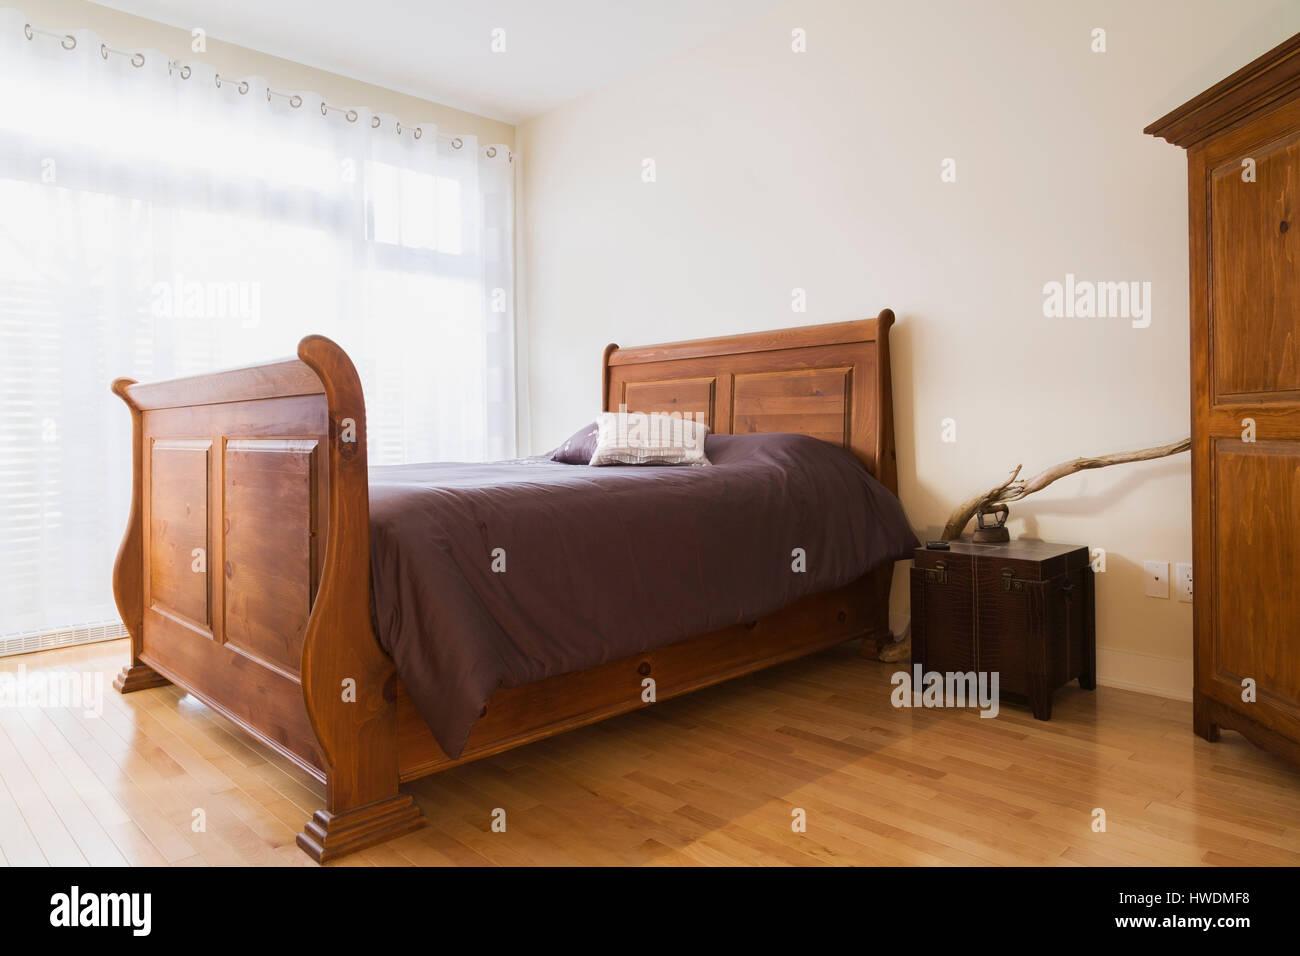 Queen Size Bed Imágenes De Stock & Queen Size Bed Fotos De Stock - Alamy